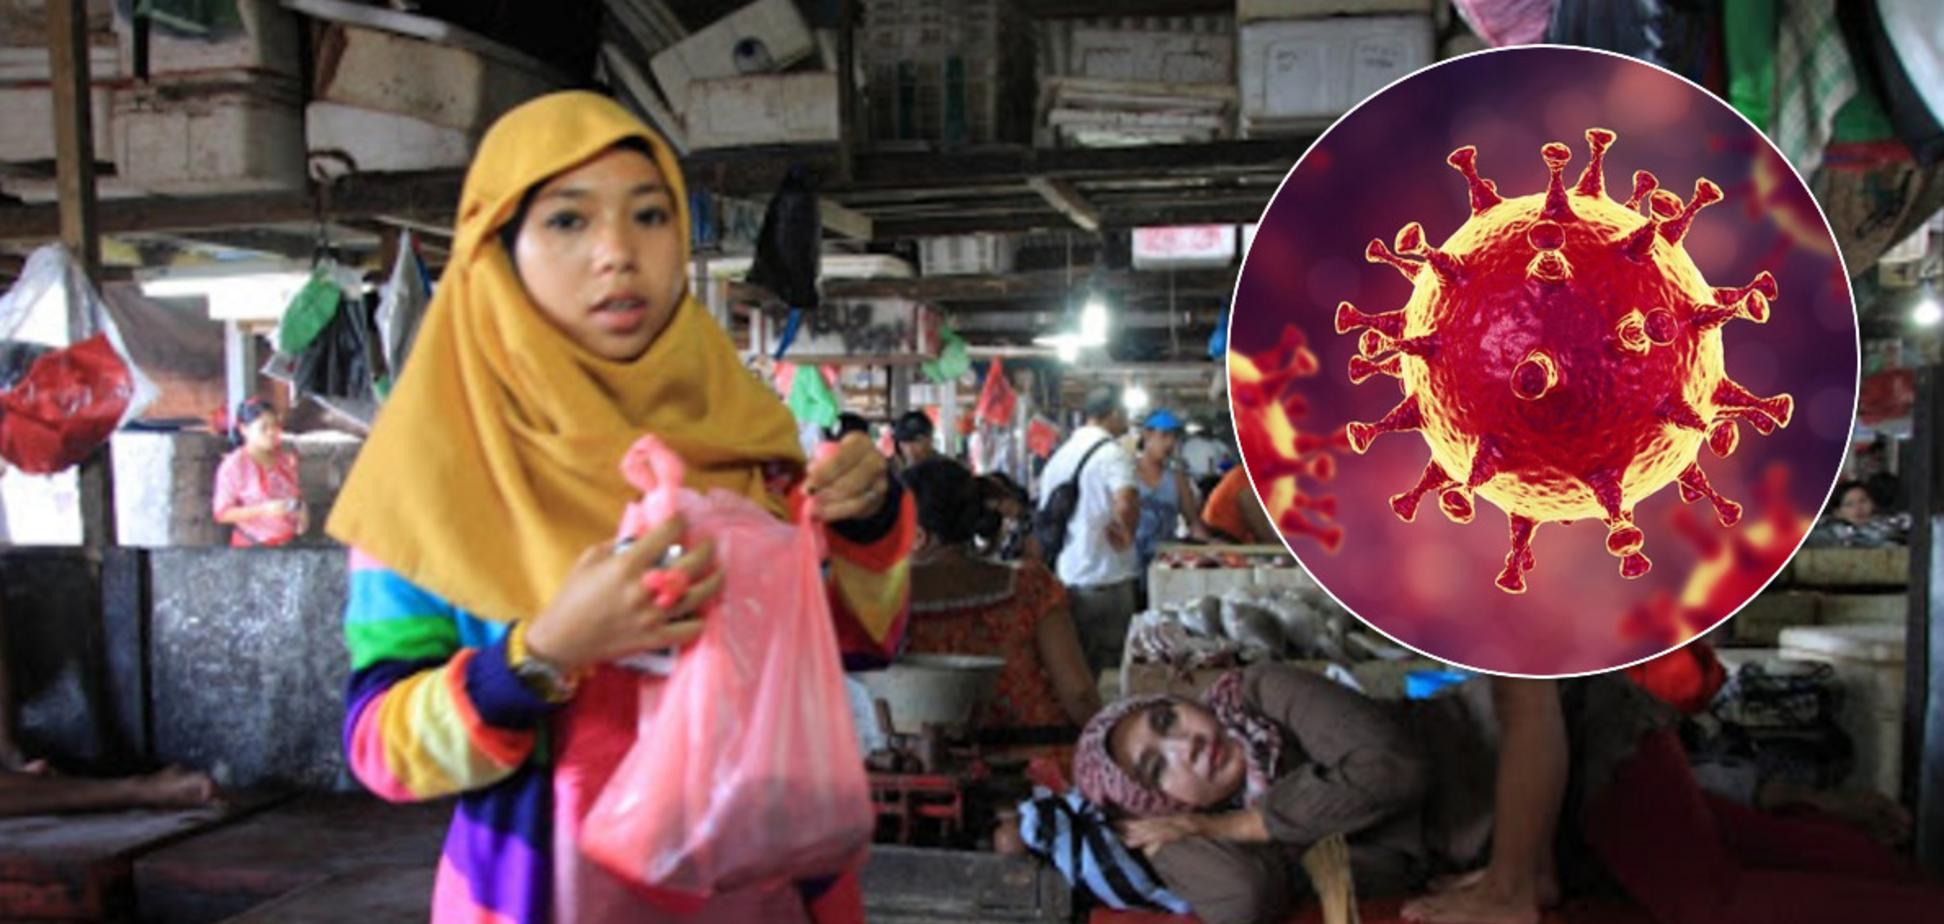 Гірше, ніж в Китаї? В Індонезії знайшовся секретний ринок з кажанами. Фото 18+